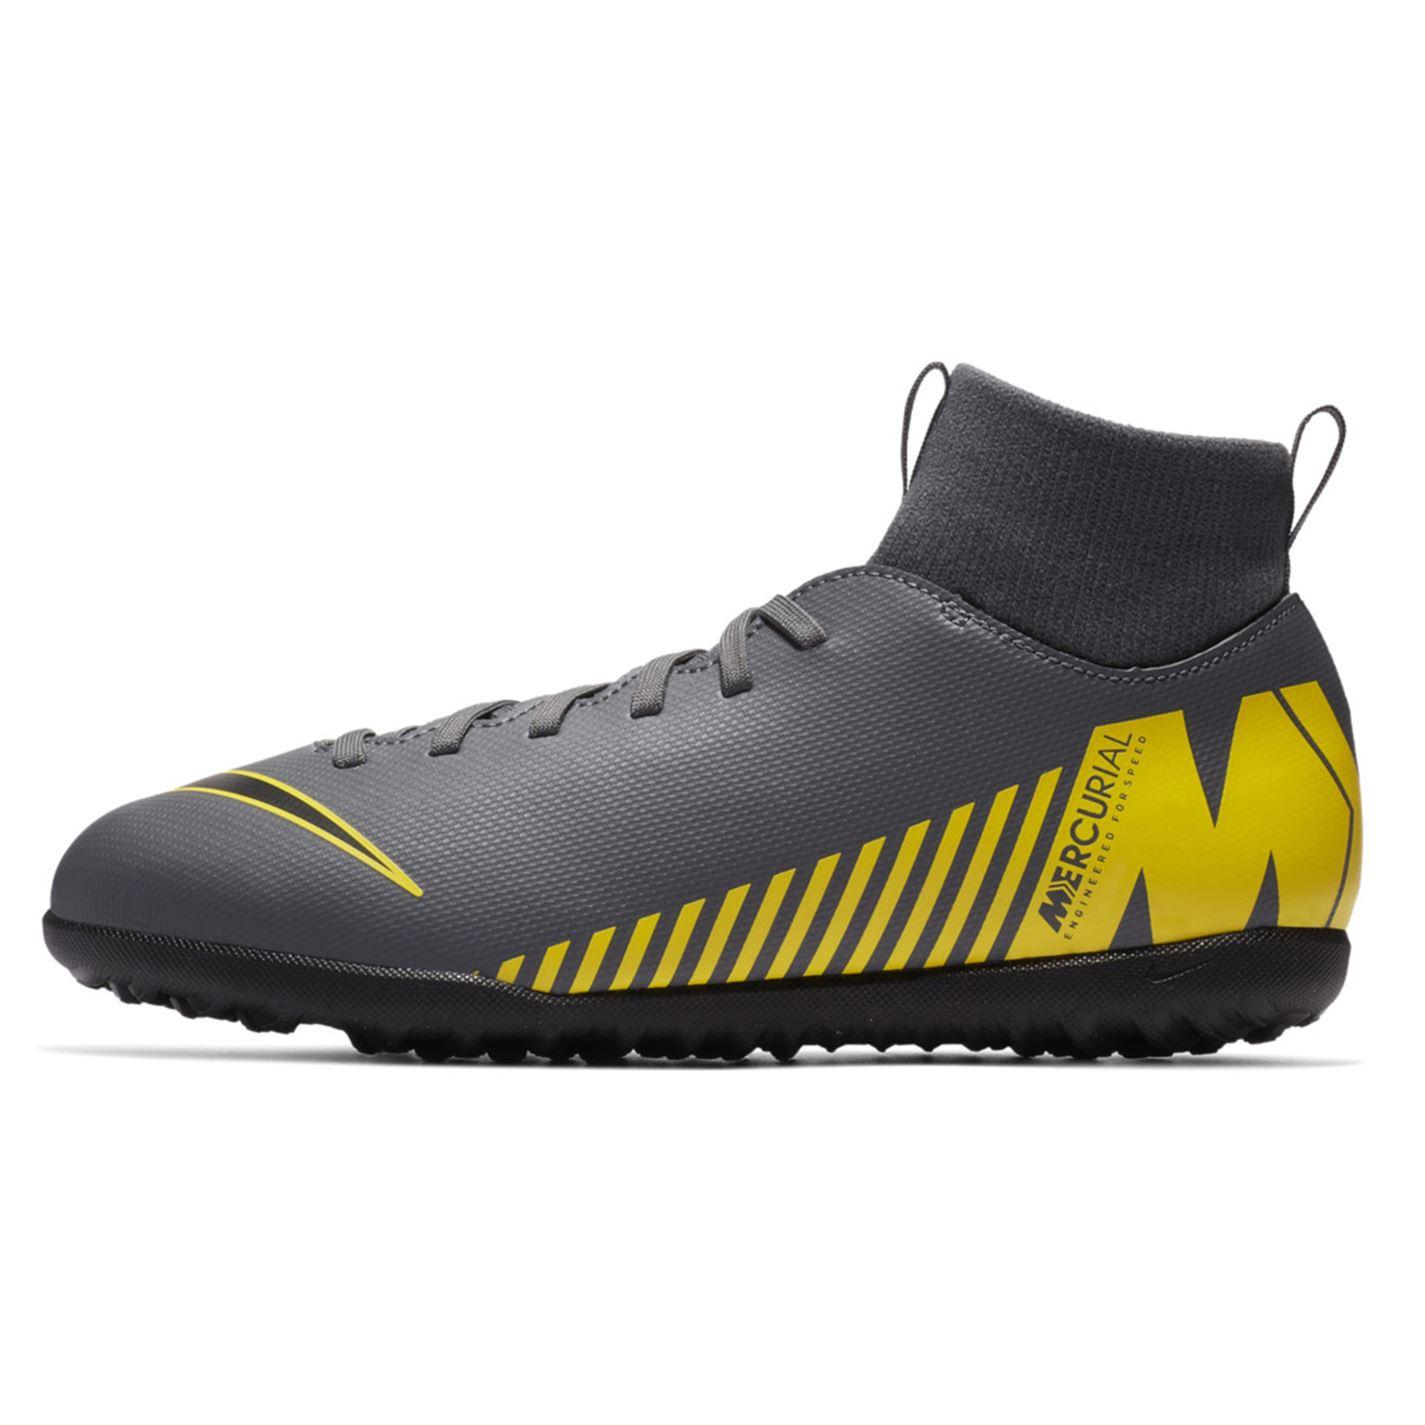 a6e5e56a060e boty Nike Mercurial Superfly Club DF dětské Astro Turf